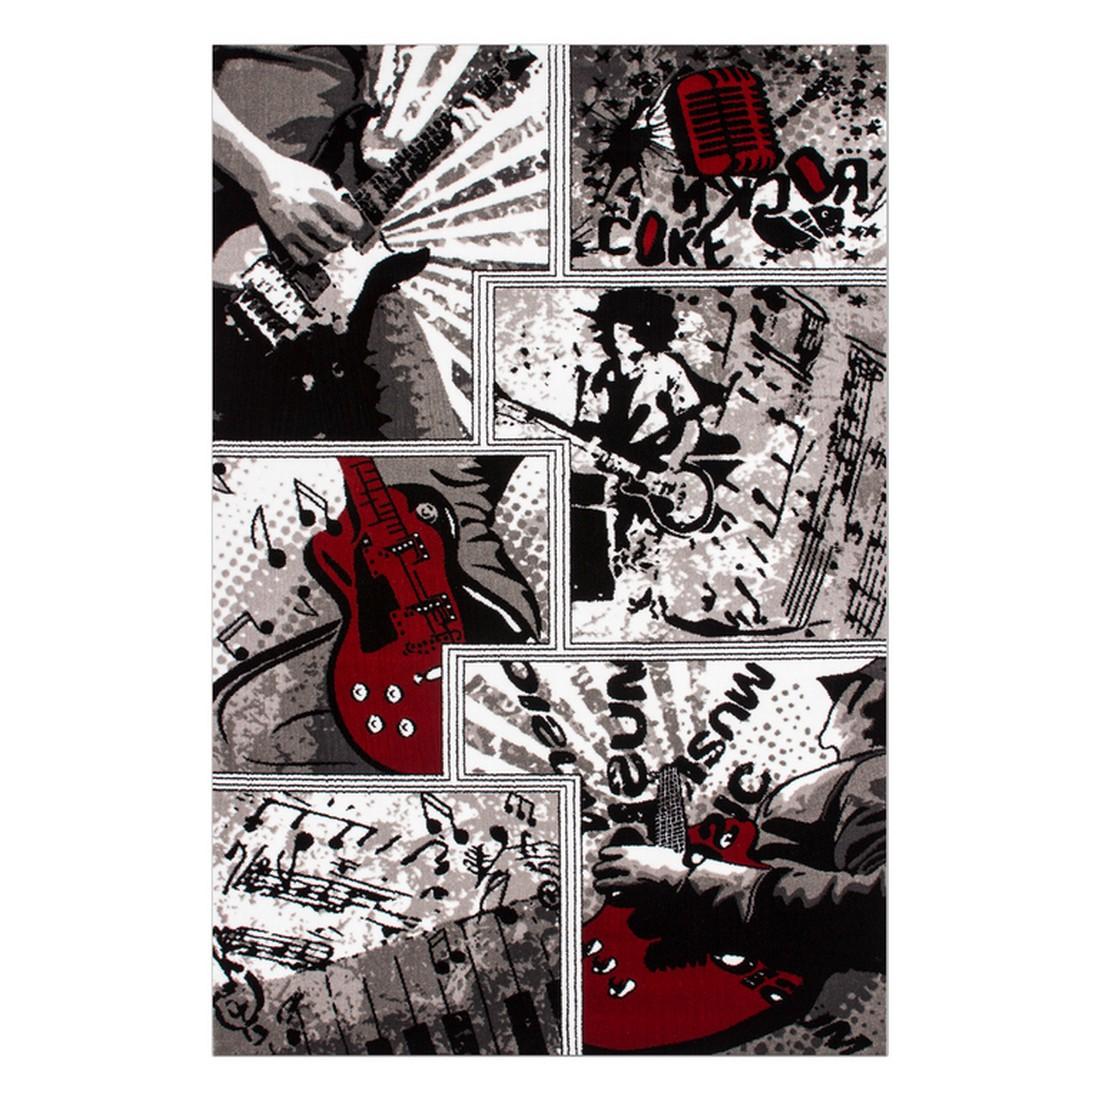 Teppich Rock Music – Silber – 80 x 150 cm, Kayoom online kaufen